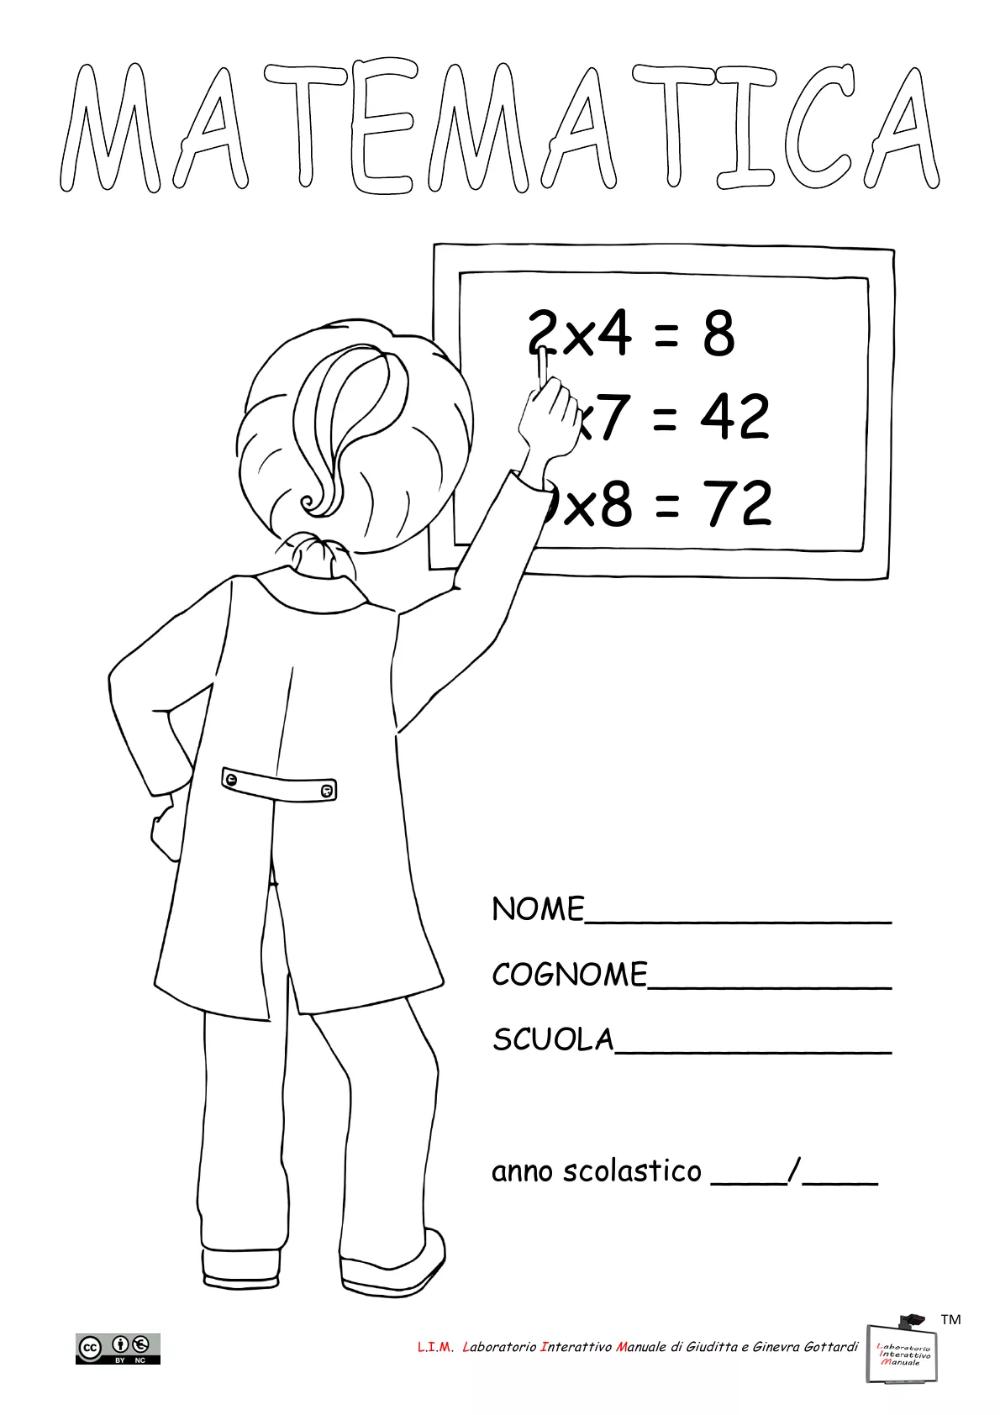 Copertine Per Quaderni Di Matematica Classe Quarta 2020 ...